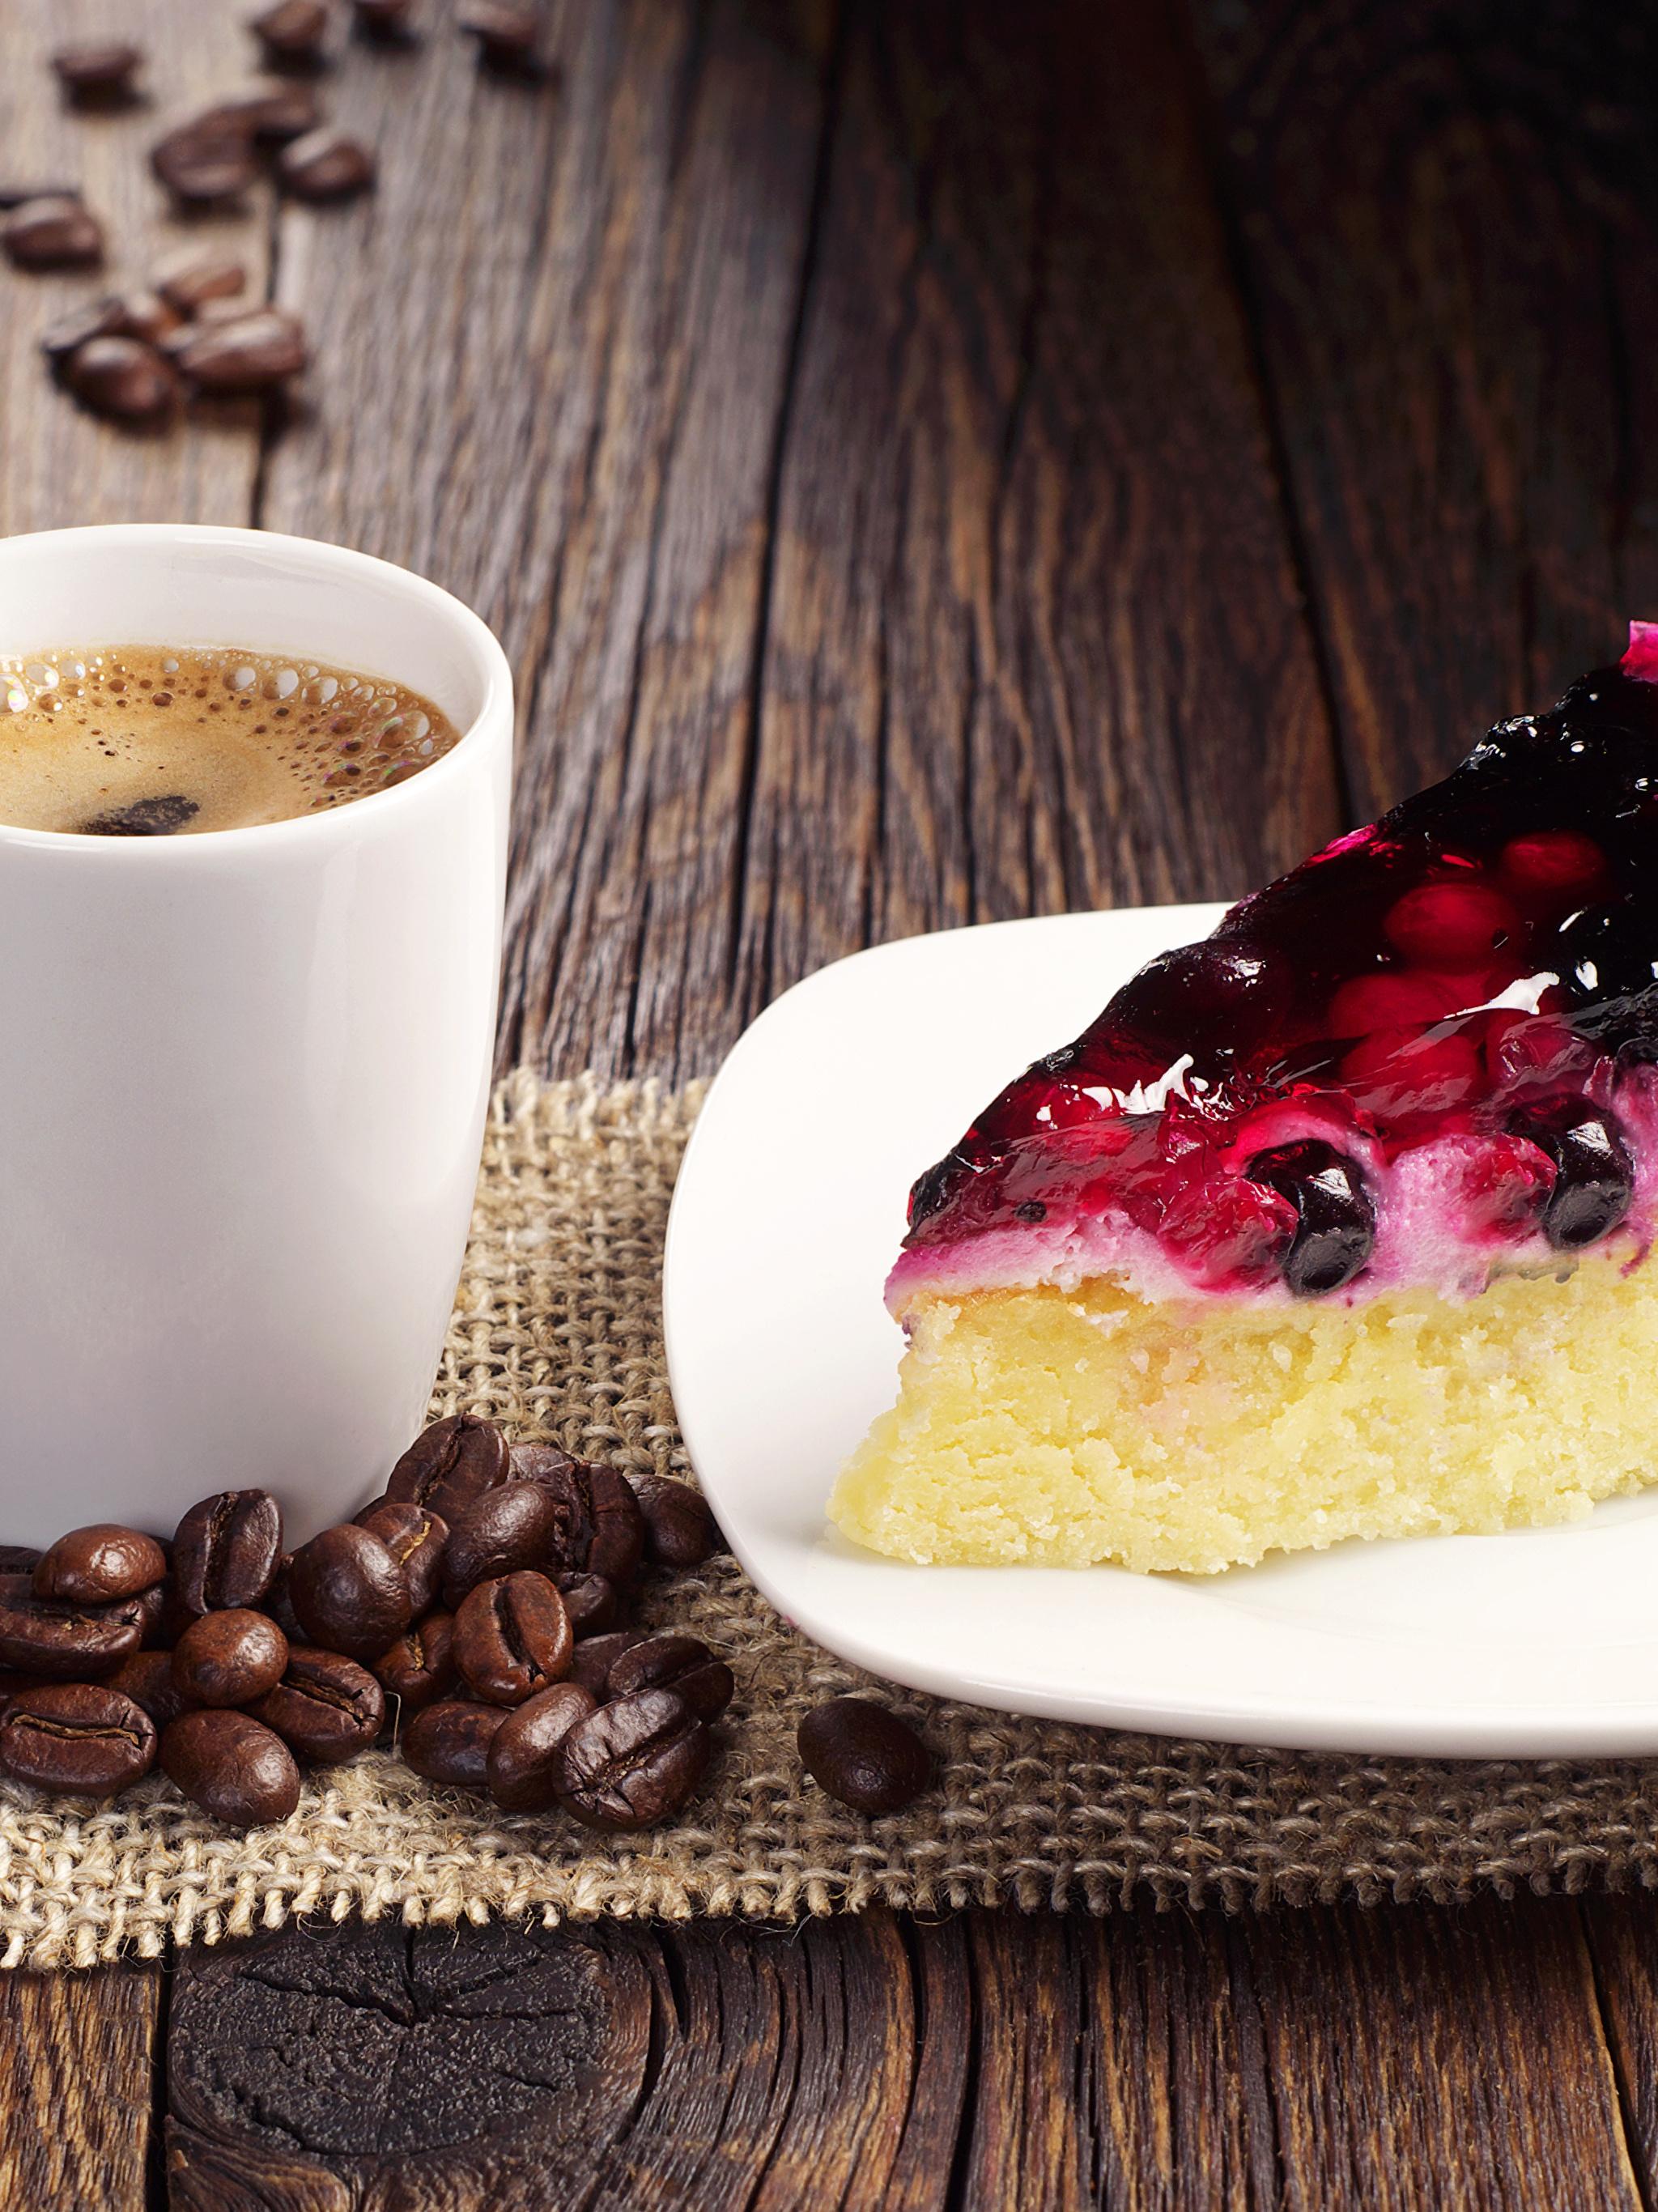 Фото Пирог Кофе часть Зерна Еда чашке тарелке Пирожное Доски 2048x2732 Кусок зерно Пища Чашка Тарелка Продукты питания